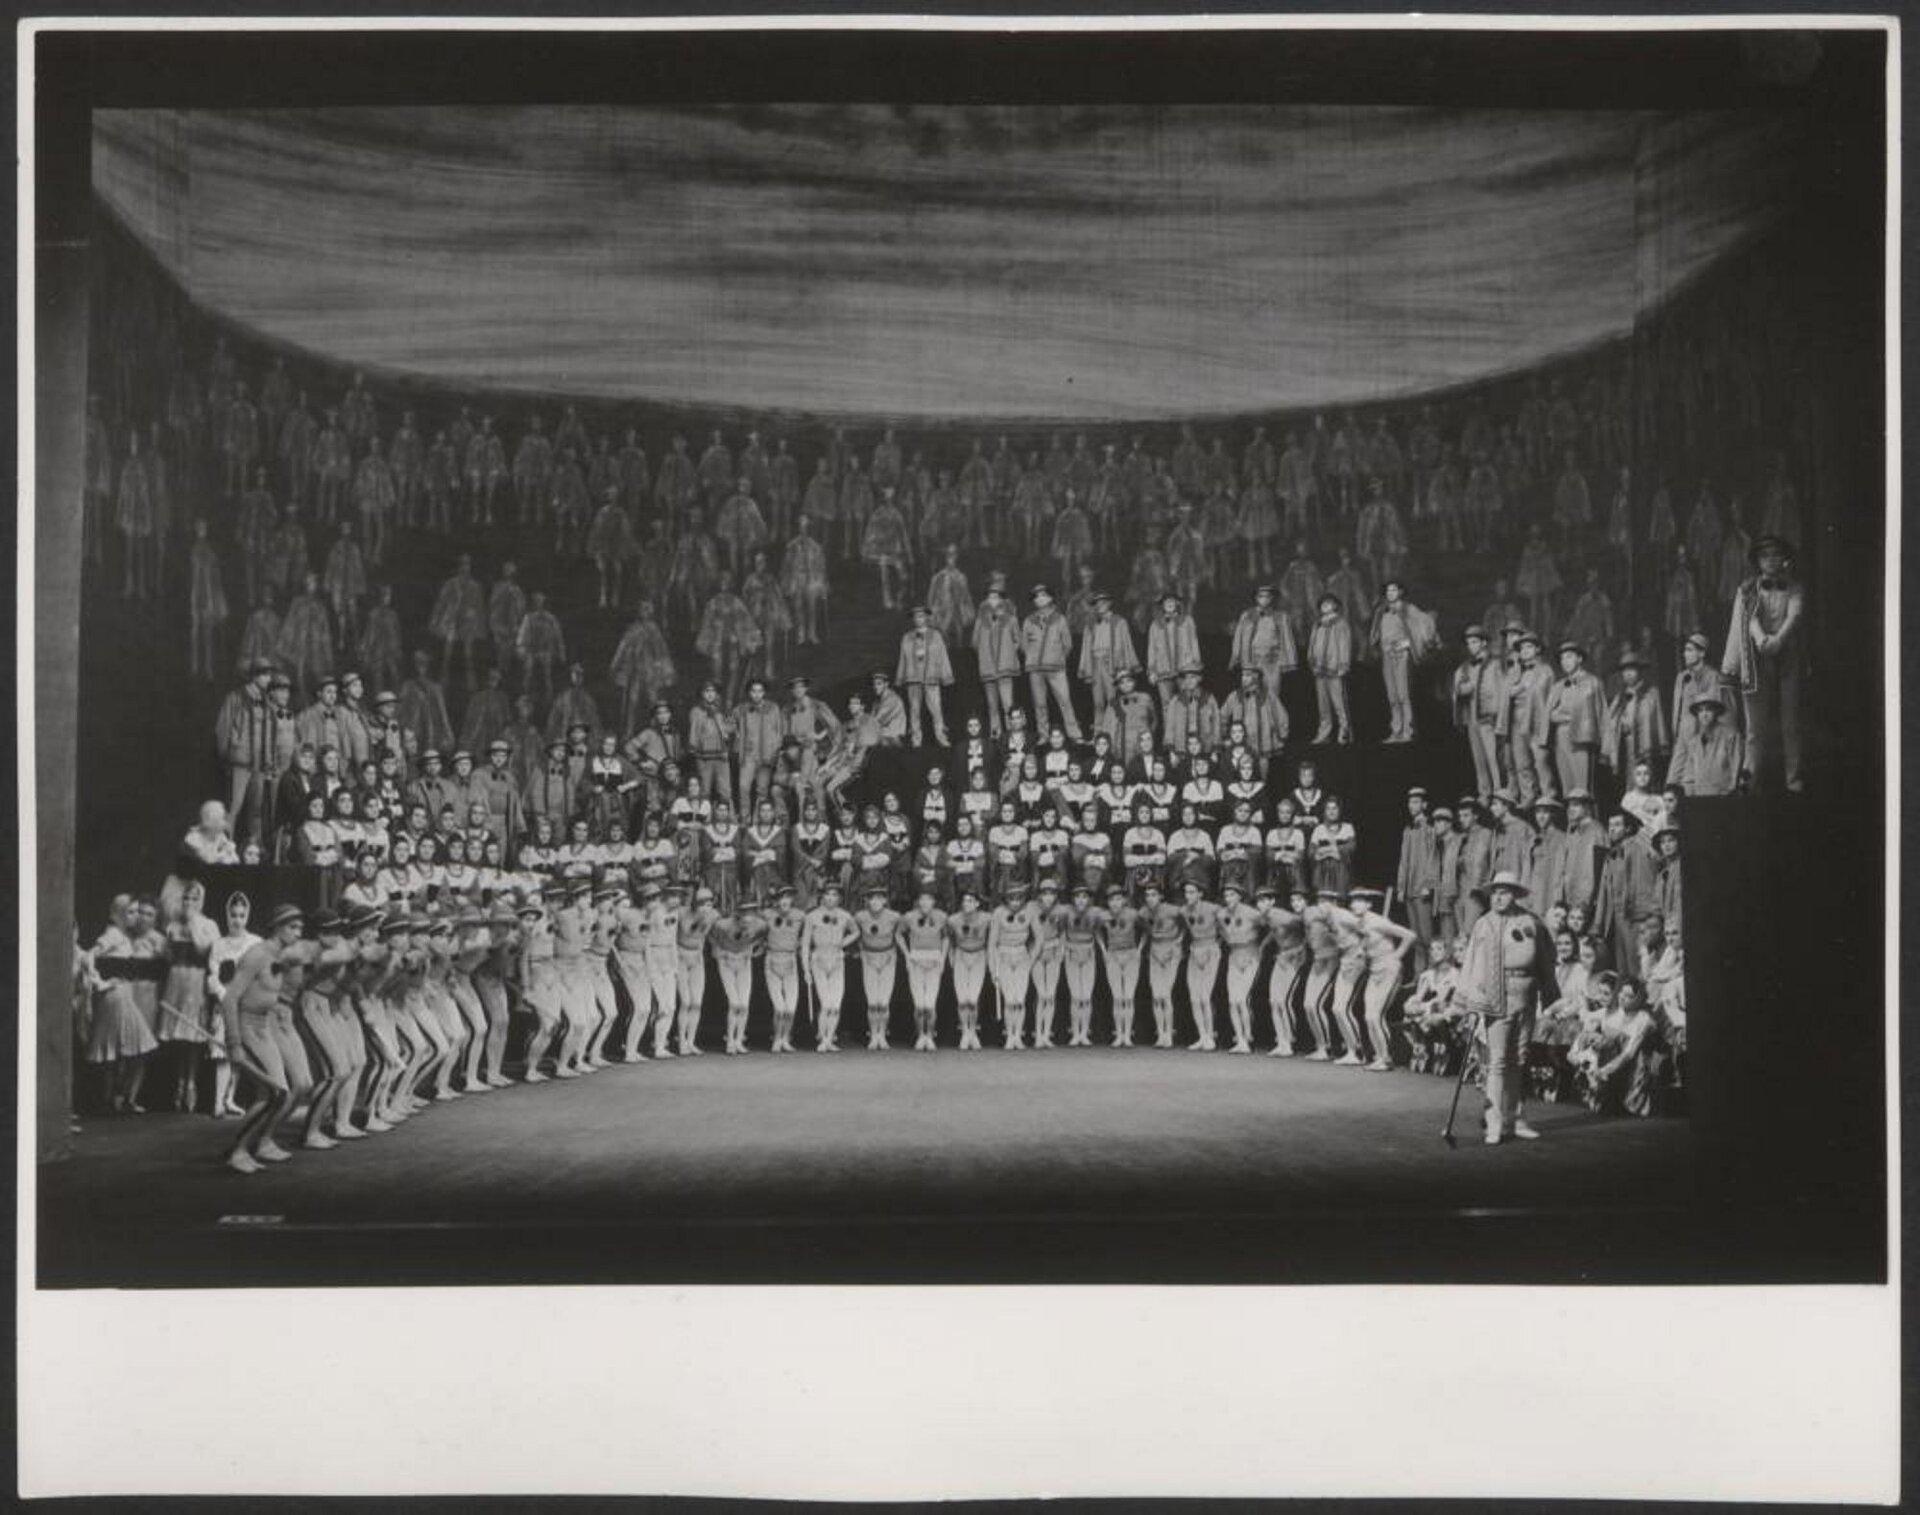 """Fotografia przedstawia Artura Malawskiego, podczas spektaklu z1962 roku """"Wierchy"""". Na scenie znajdują się tłumy osób, ustawionych wrzędzie, można zauważyć, że mężczyźni wpierwszym rzędzie ubrani są wstroje góralskie wjasnych barwach."""